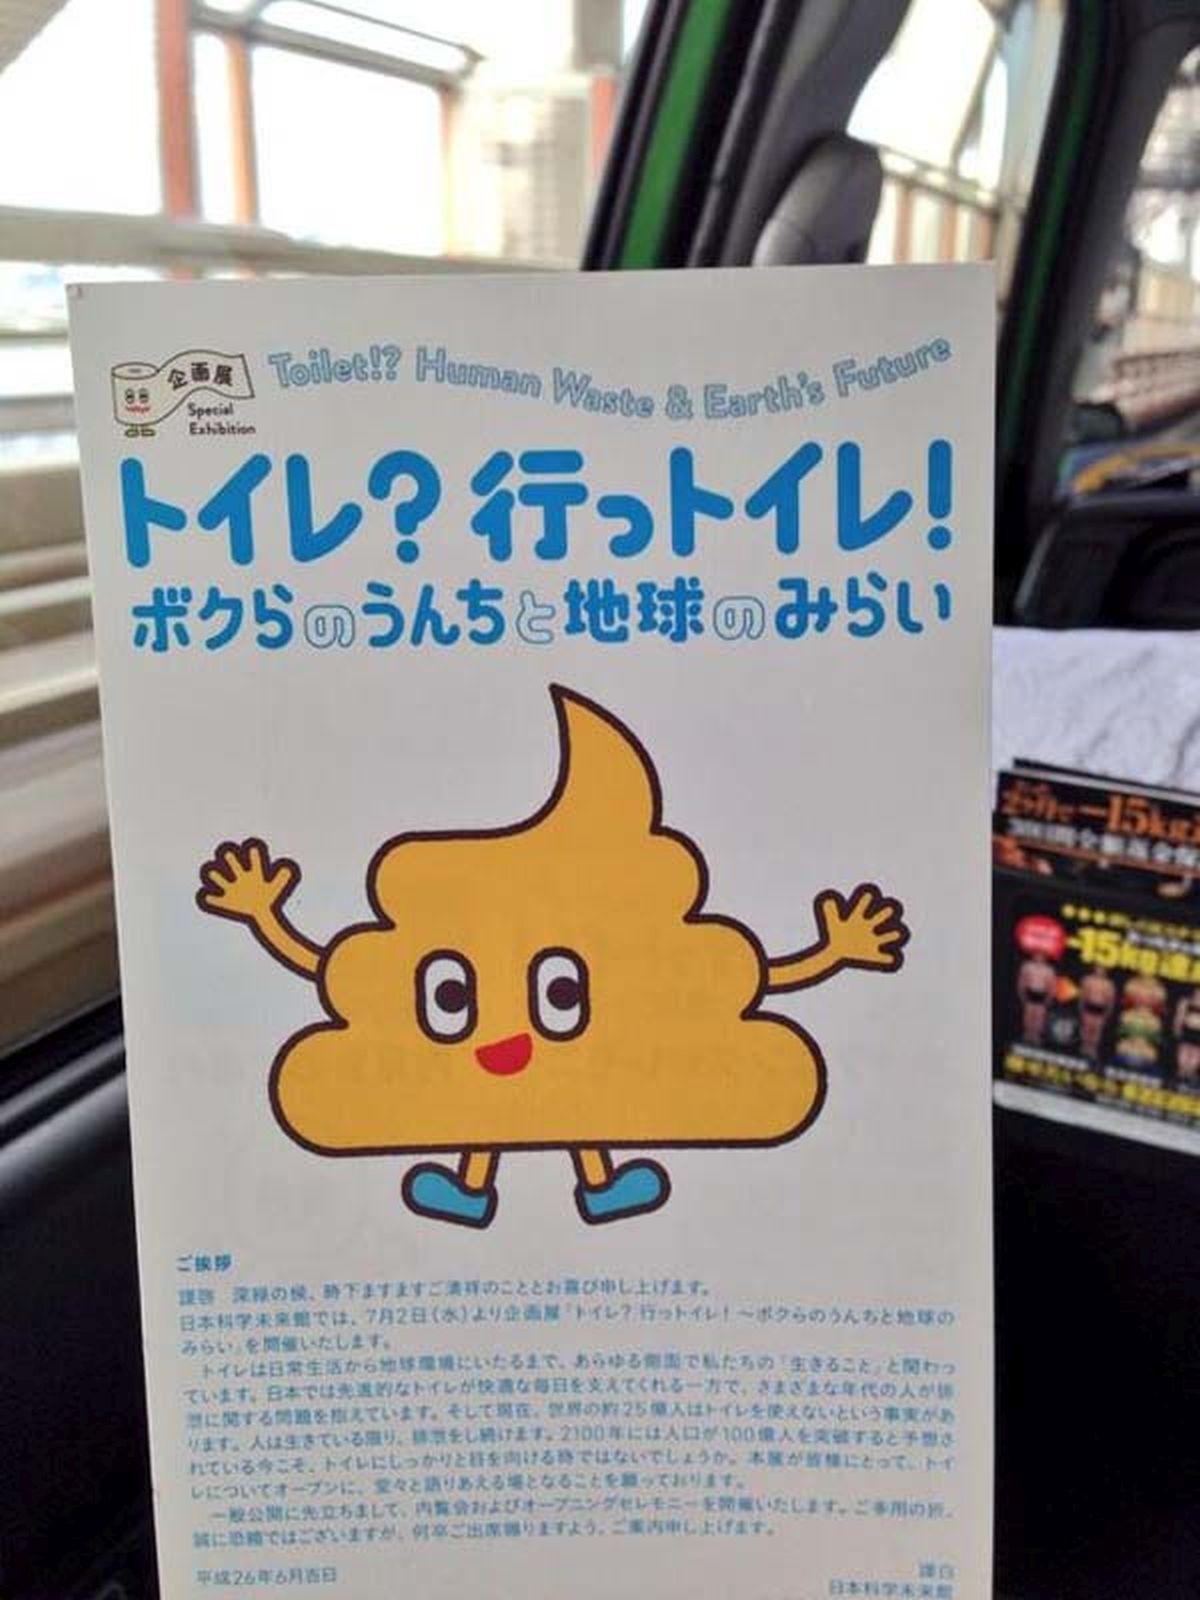 Đây là tờ rơi quảng cáo cho buổi triển lãm, thậm chí bạn không nhất thiết phải hiểu tiếng Nhật bởi hình ảnh minh họa đã quá rõ ràng